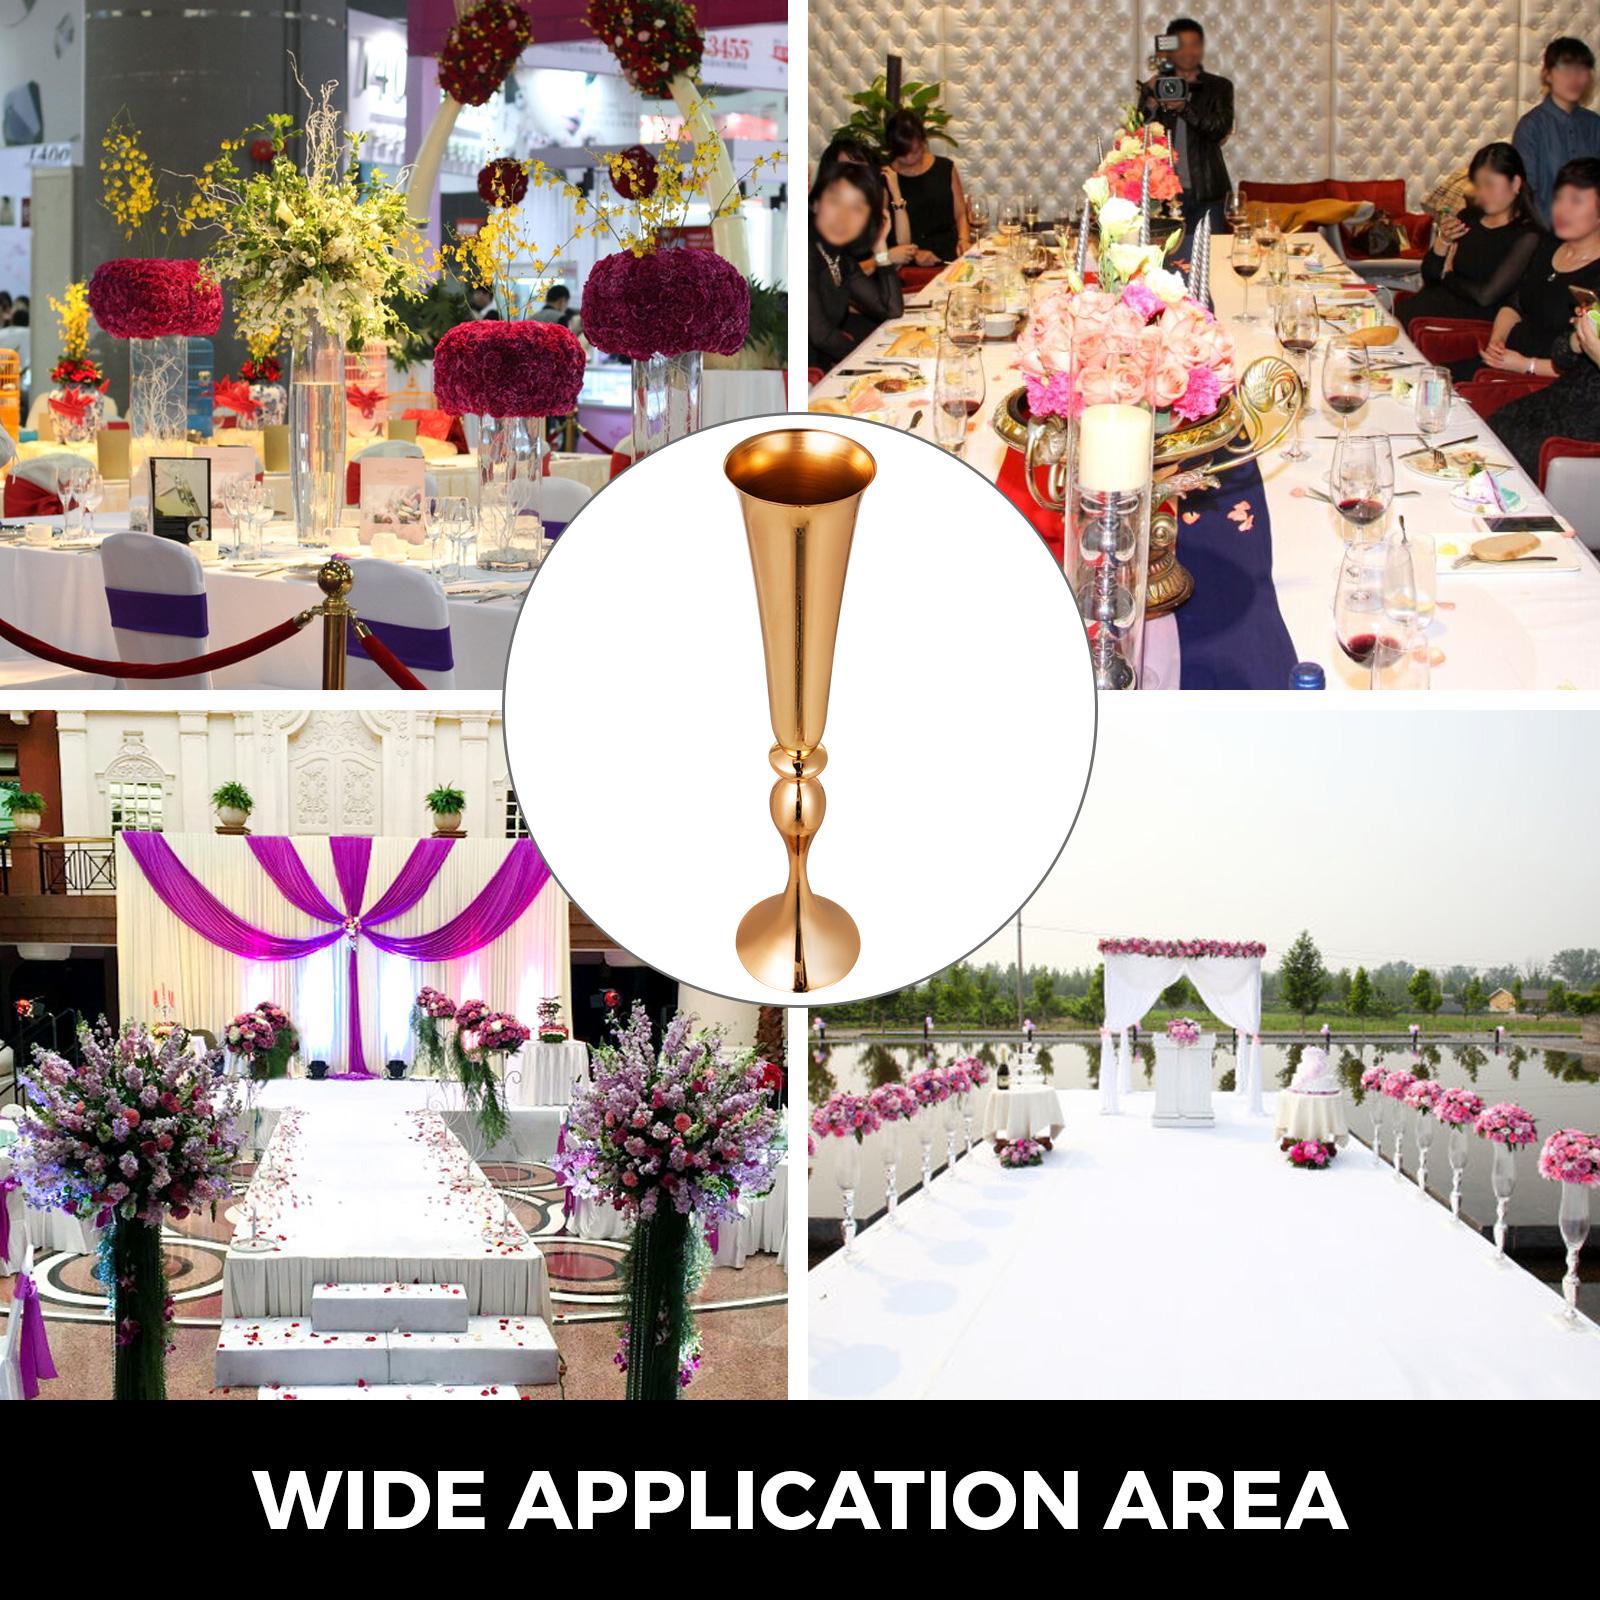 Trumpet-Vase-Flower-Vases-Centerpiece-29-5-034-22-034-for-Party-Celebration-Events thumbnail 19